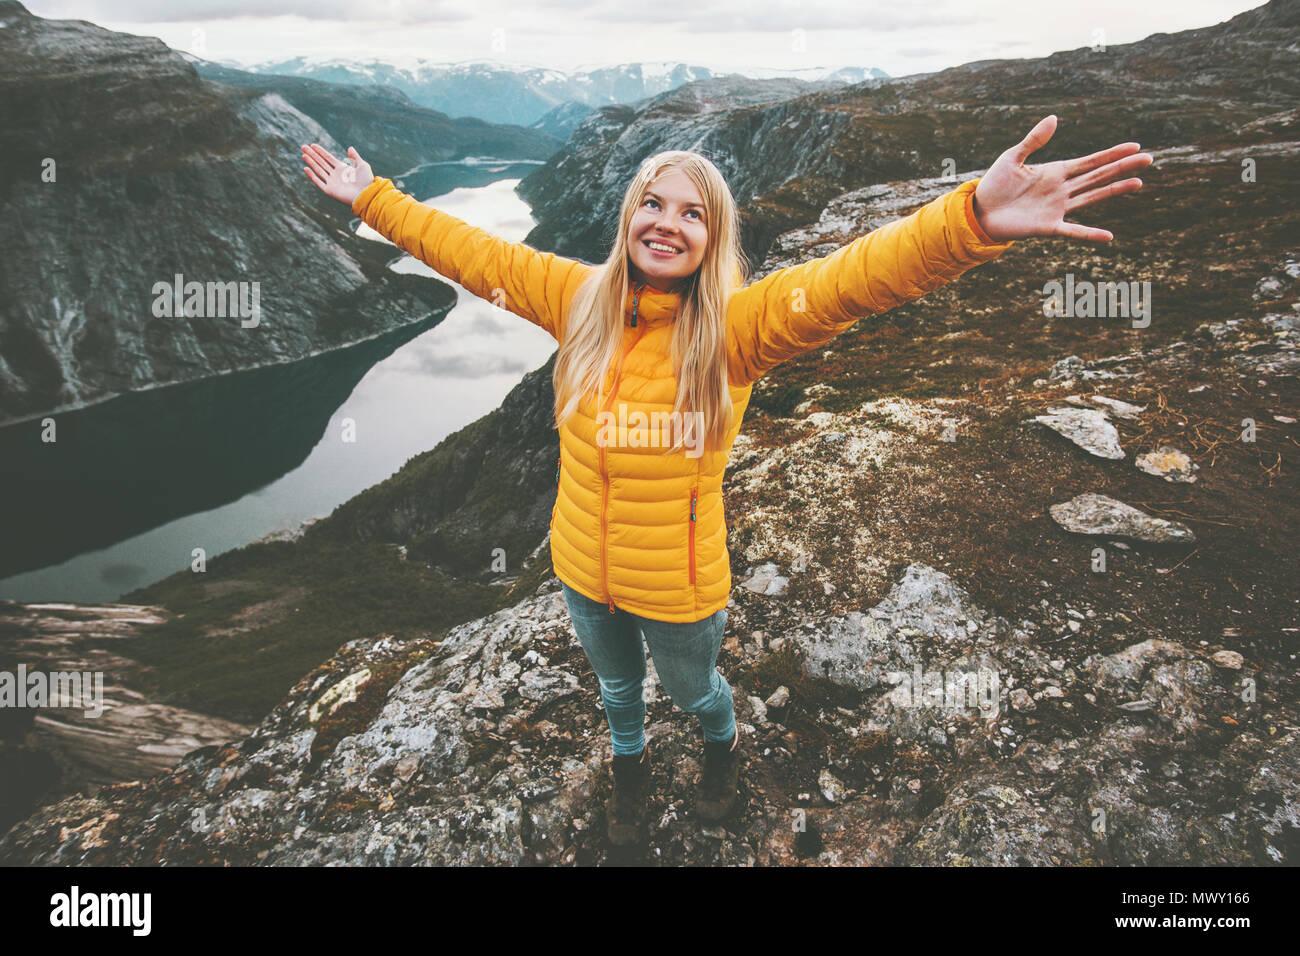 Ragazza felice successo le mani alzate in piedi sul vertice di montagna trekking avventuroso viaggio lifestyle vacanze weekend antenna paesaggio del lago in Norw Immagini Stock